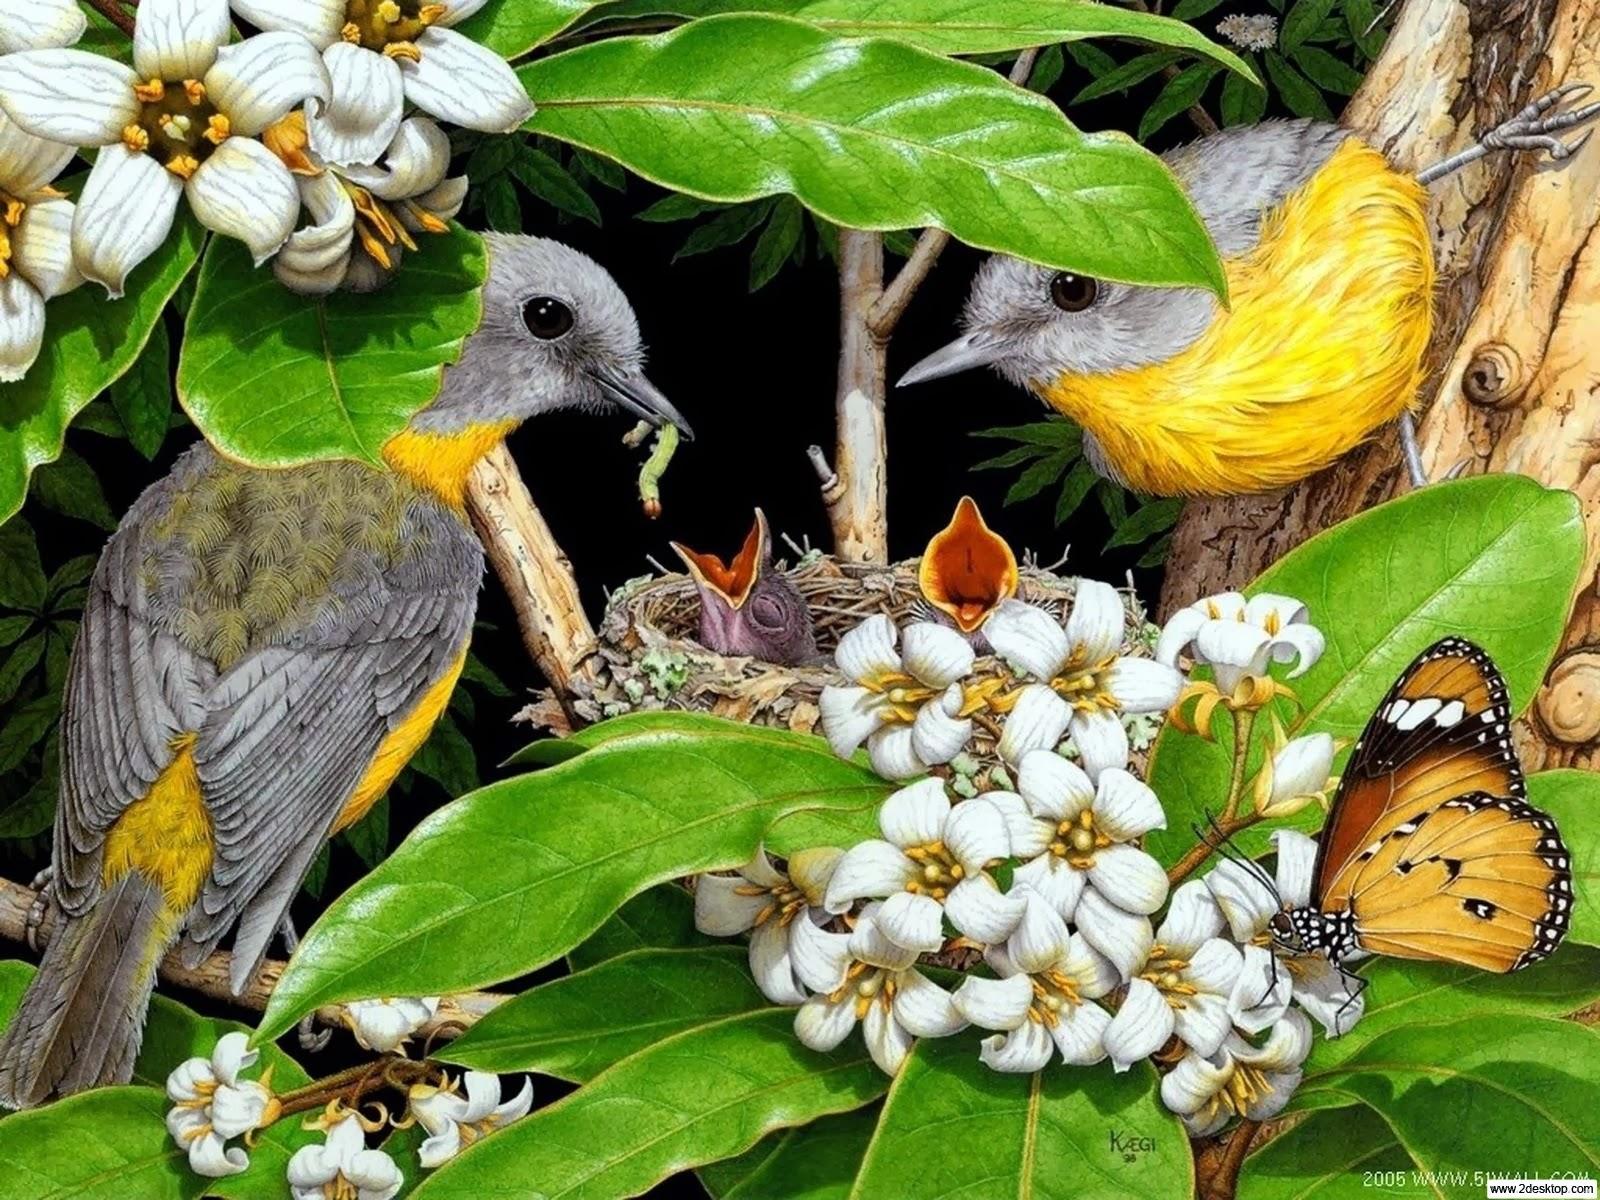 """<img src=""""http://4.bp.blogspot.com/-iLvIxES0ySw/UtujCmcU0KI/AAAAAAAAI7s/1axYG5eJjcg/s1600/bird-family.jpg"""" alt=""""bird family"""" />"""